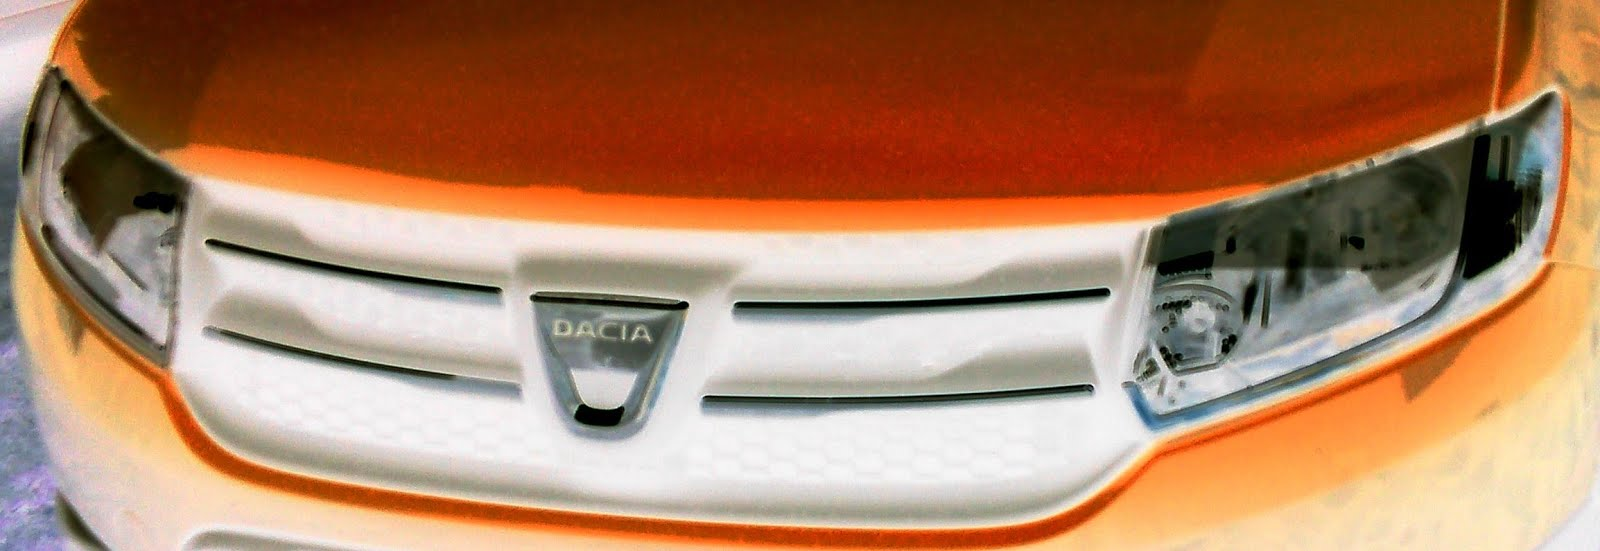 Le sourire narquois de la Dacia